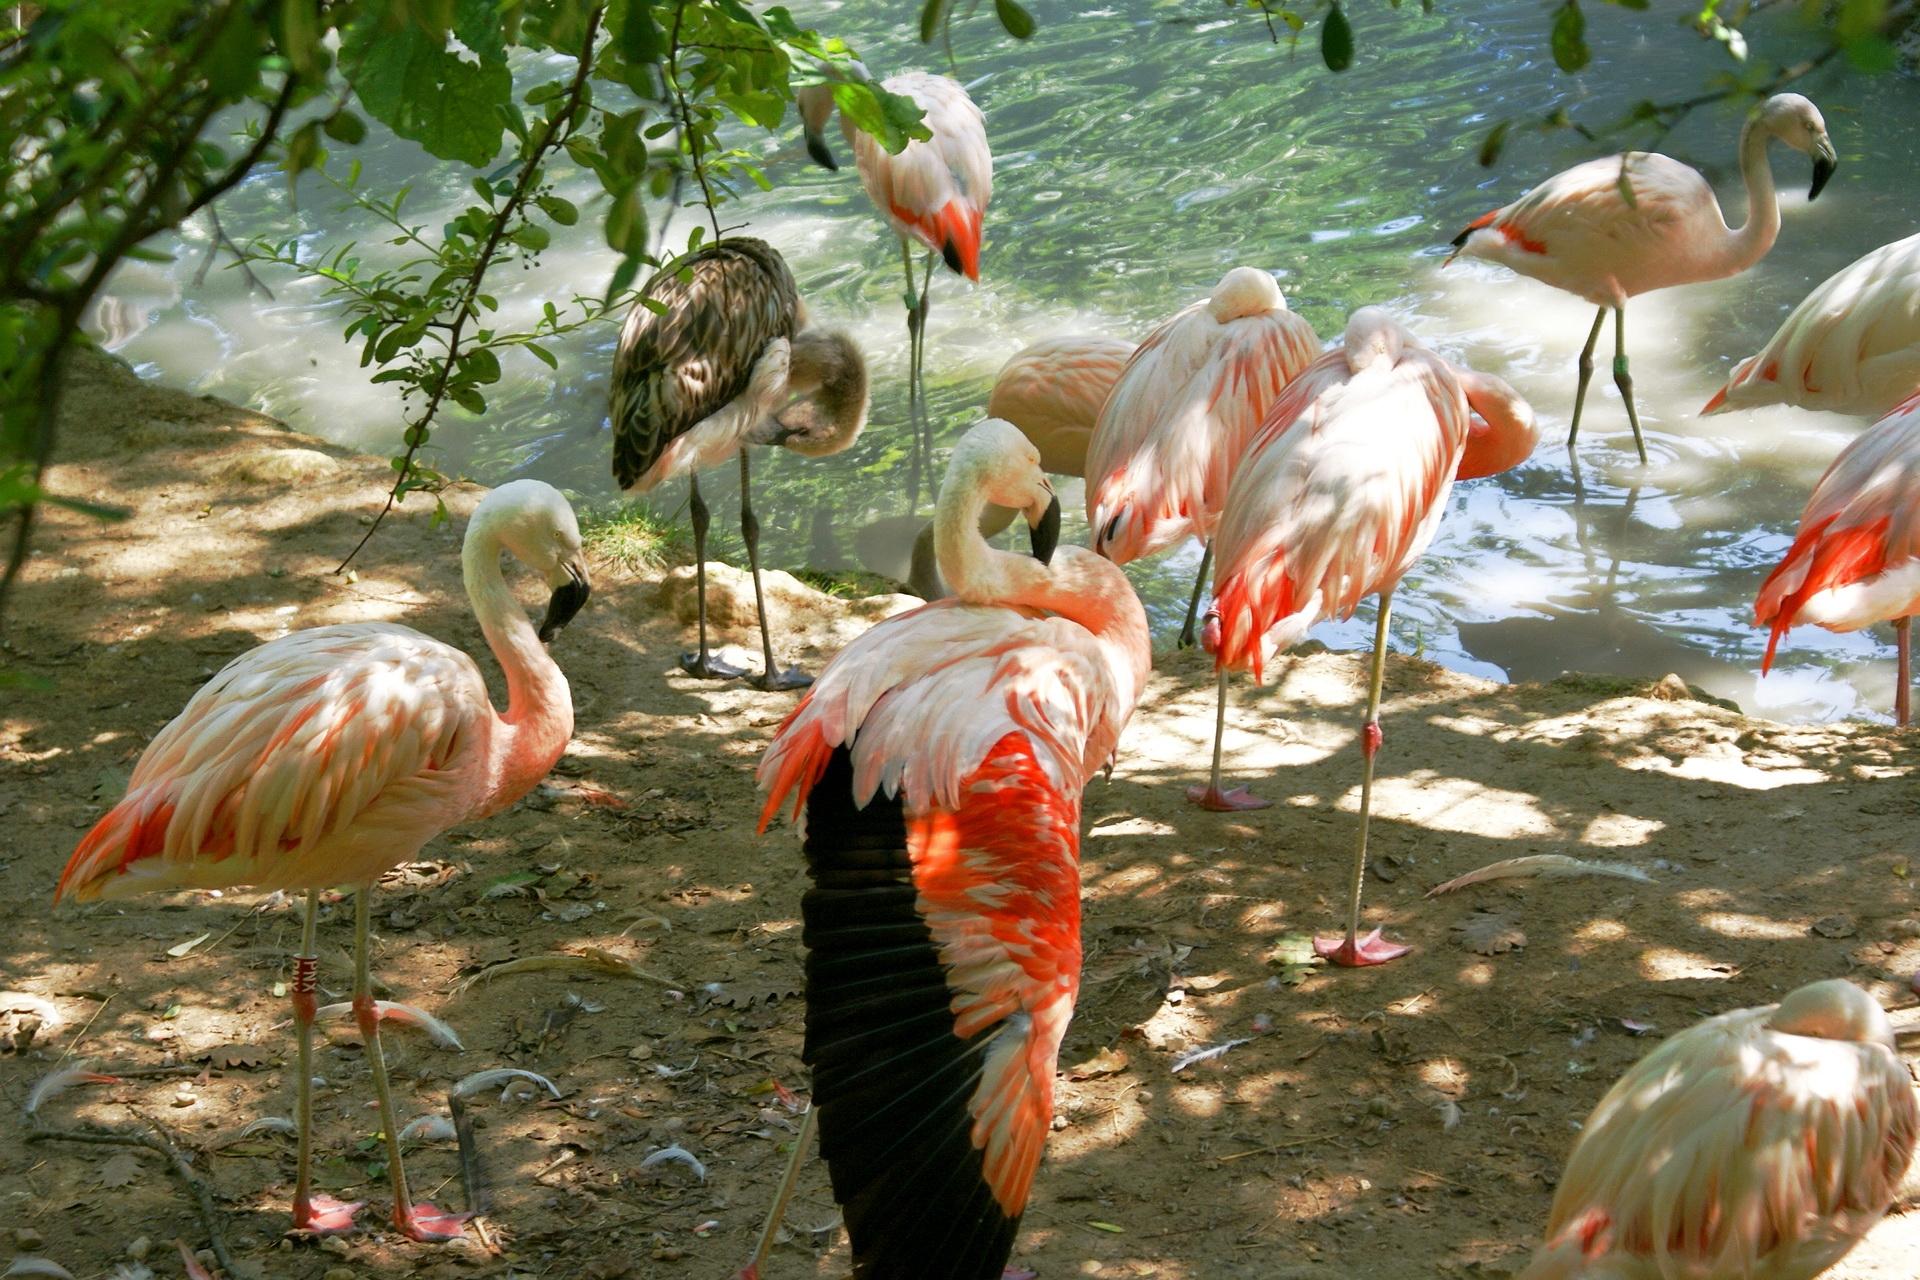 птица фламинго картинки уже проходили через